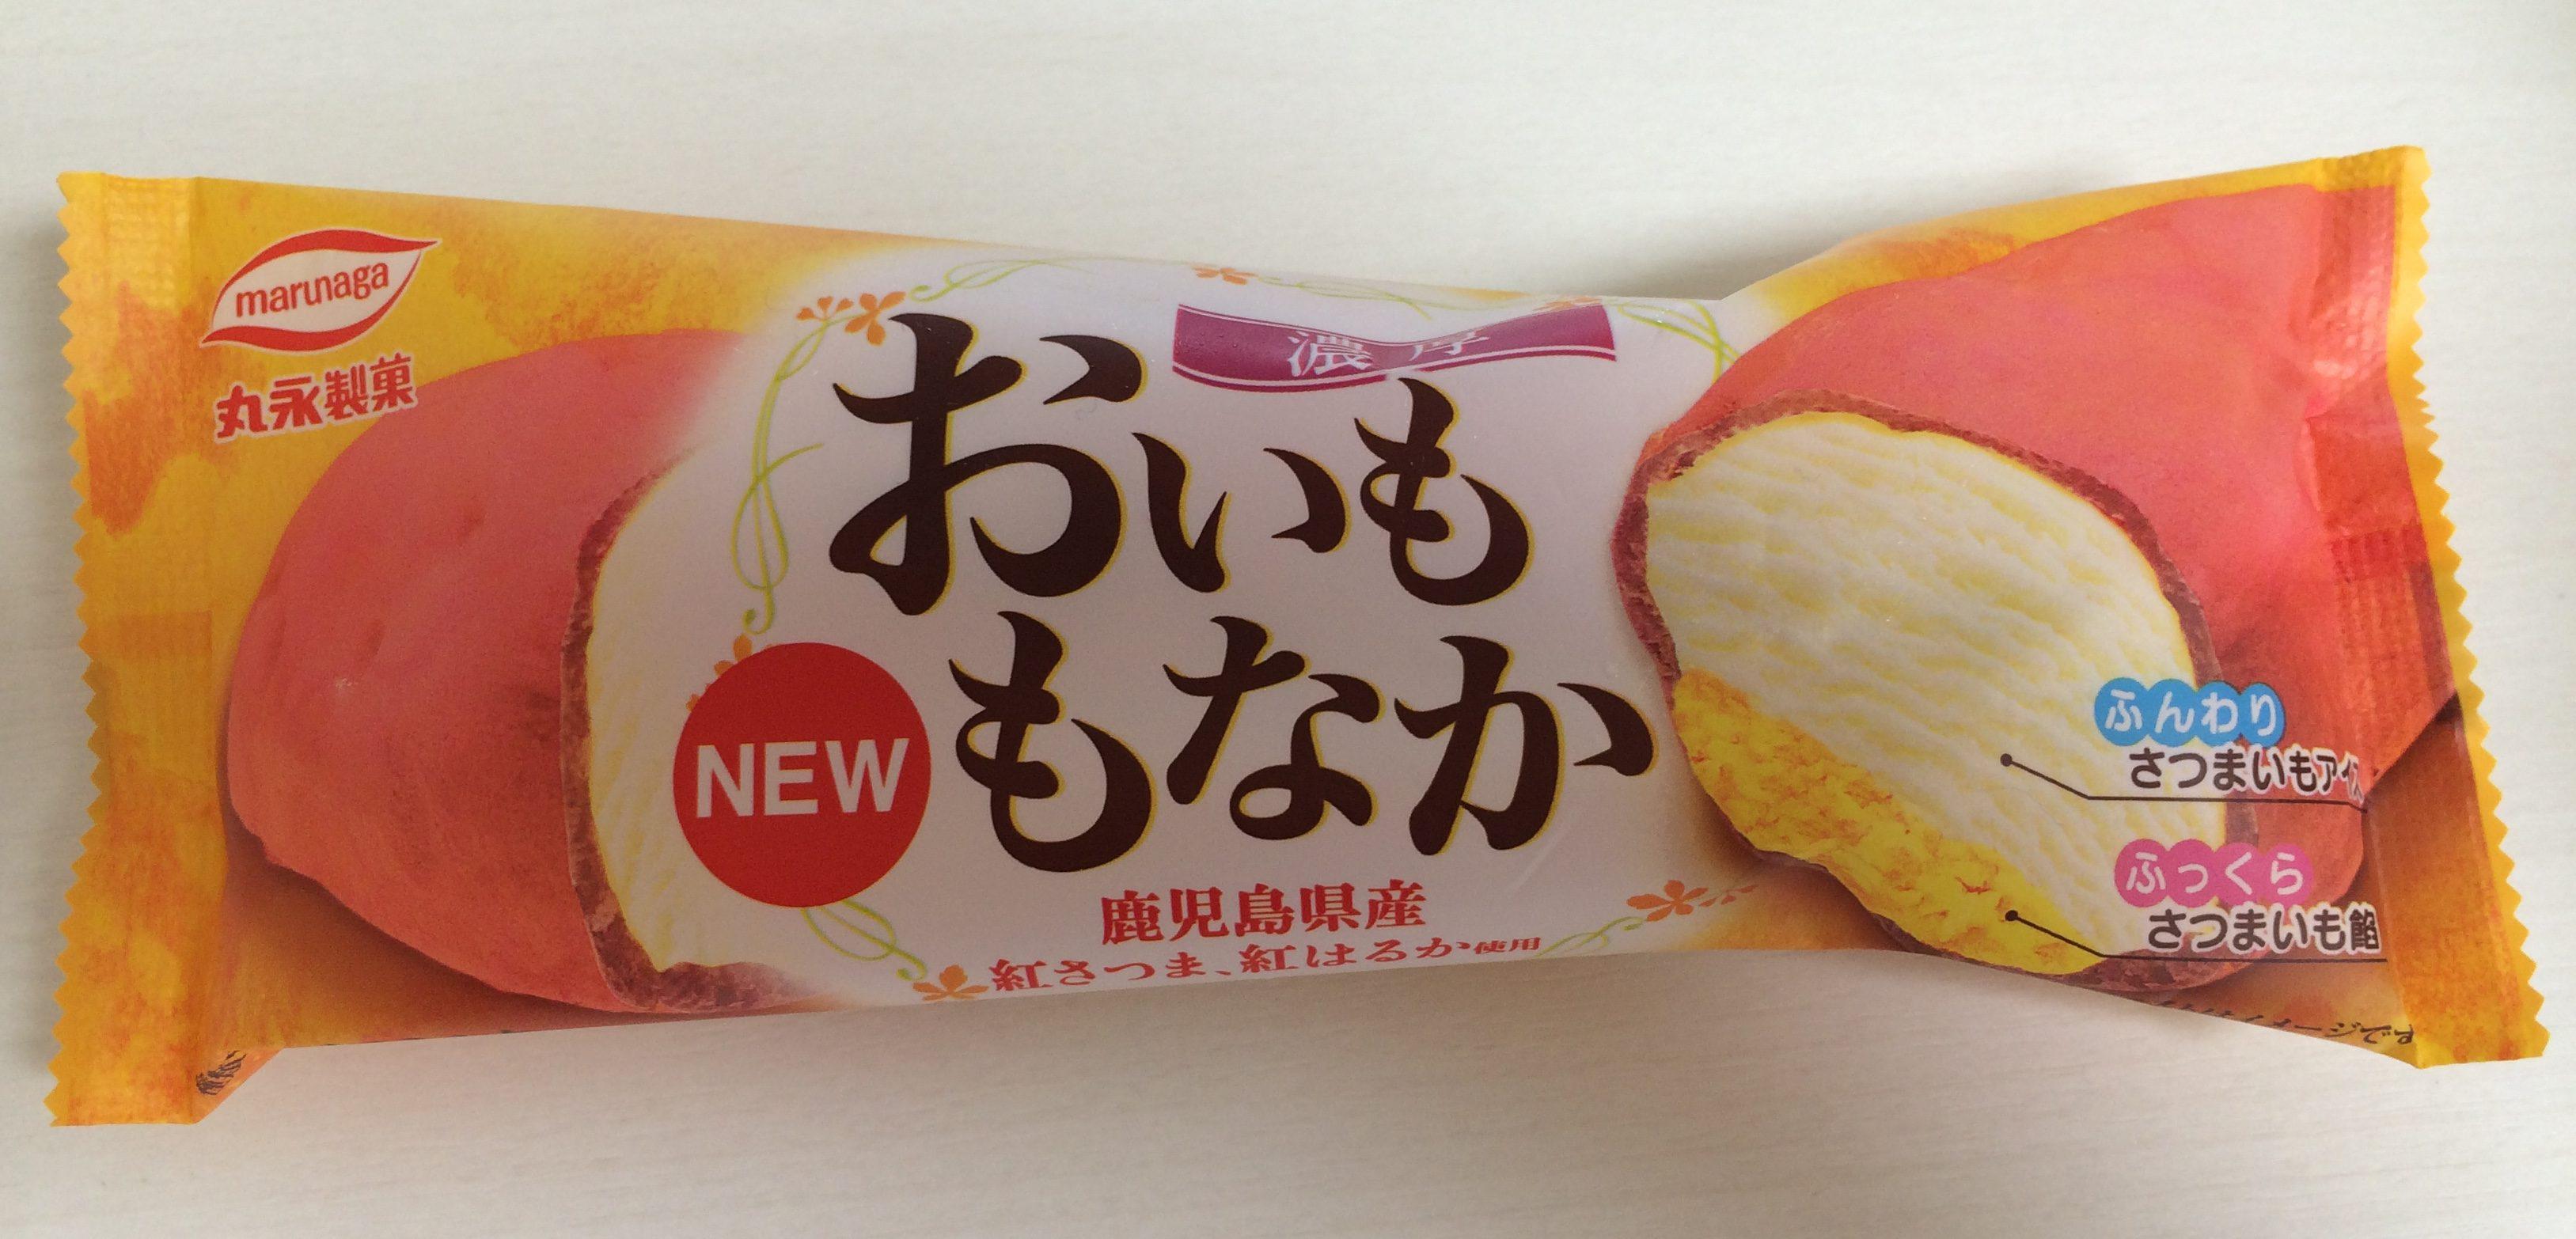 【丸永製菓】「おいももなか」食べた感想